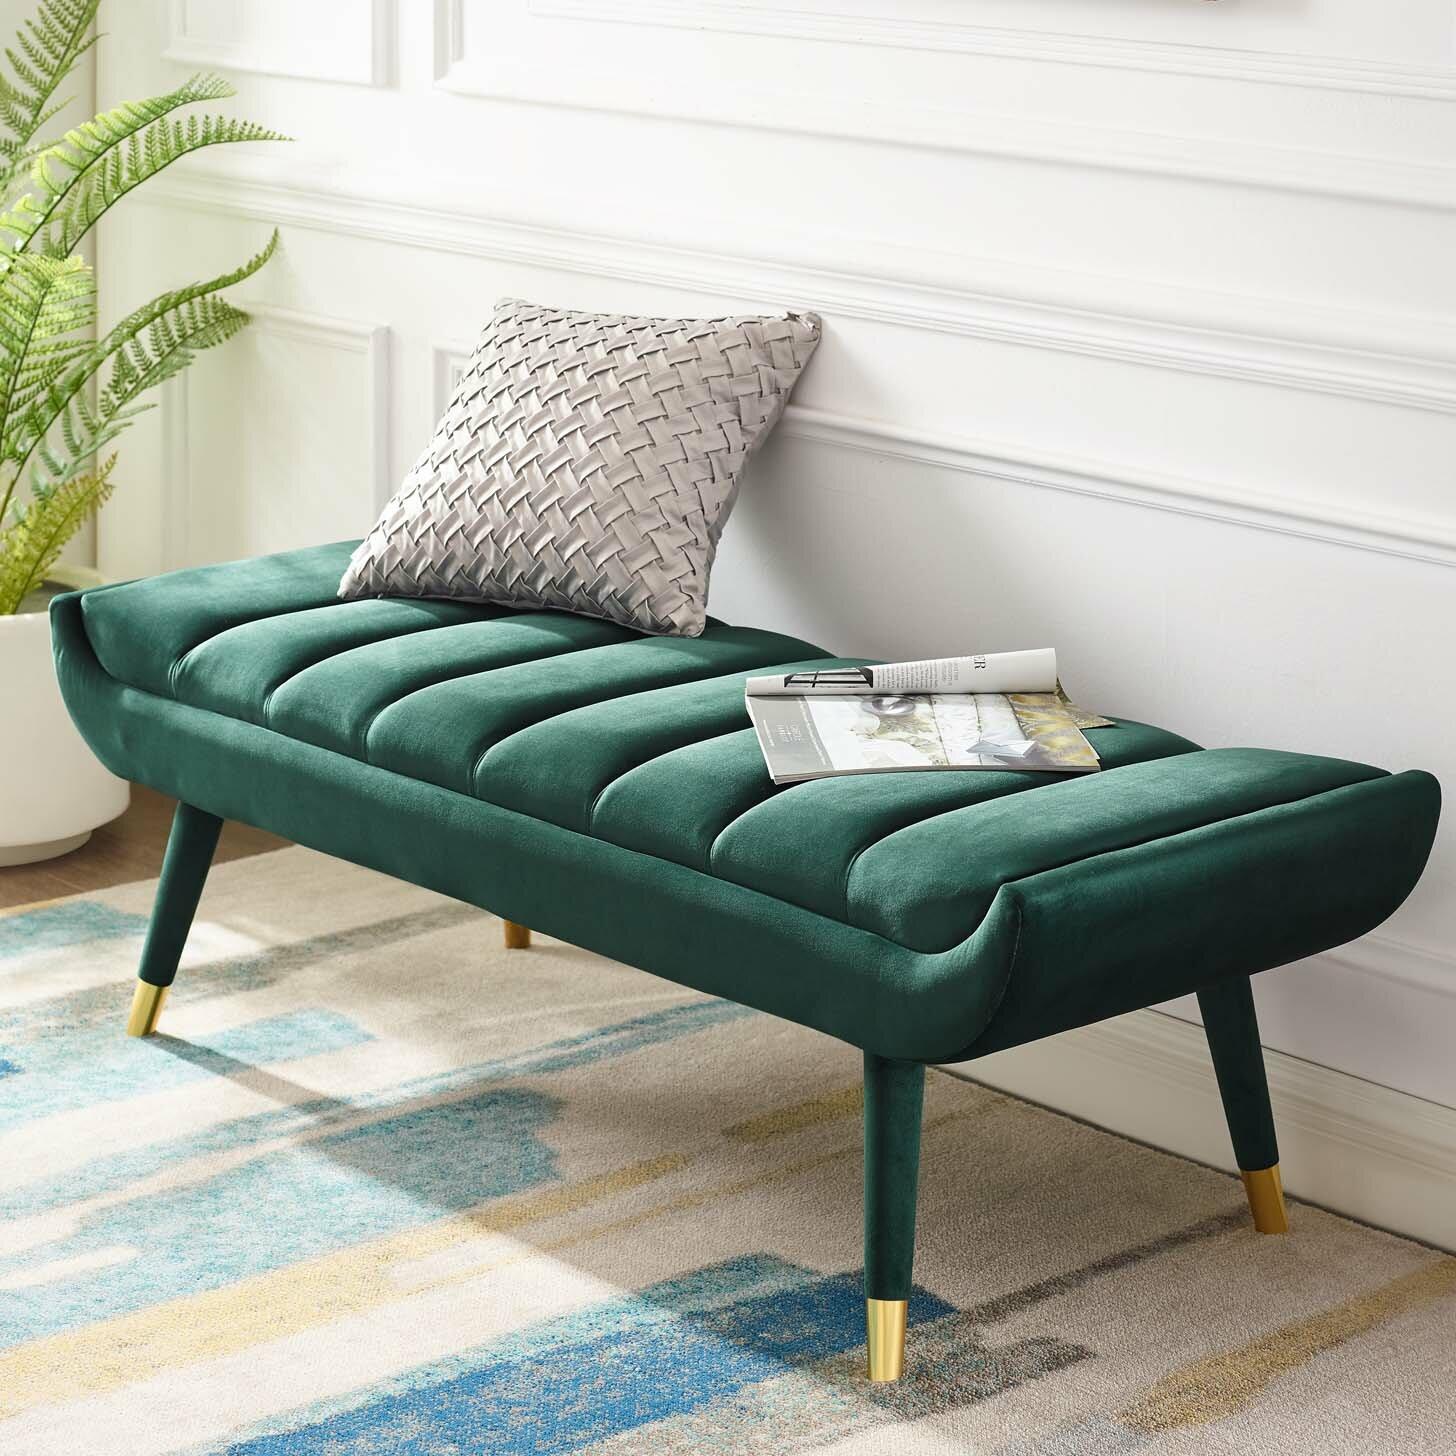 Mercer41 Mackay Upholstered Bench Reviews Wayfair